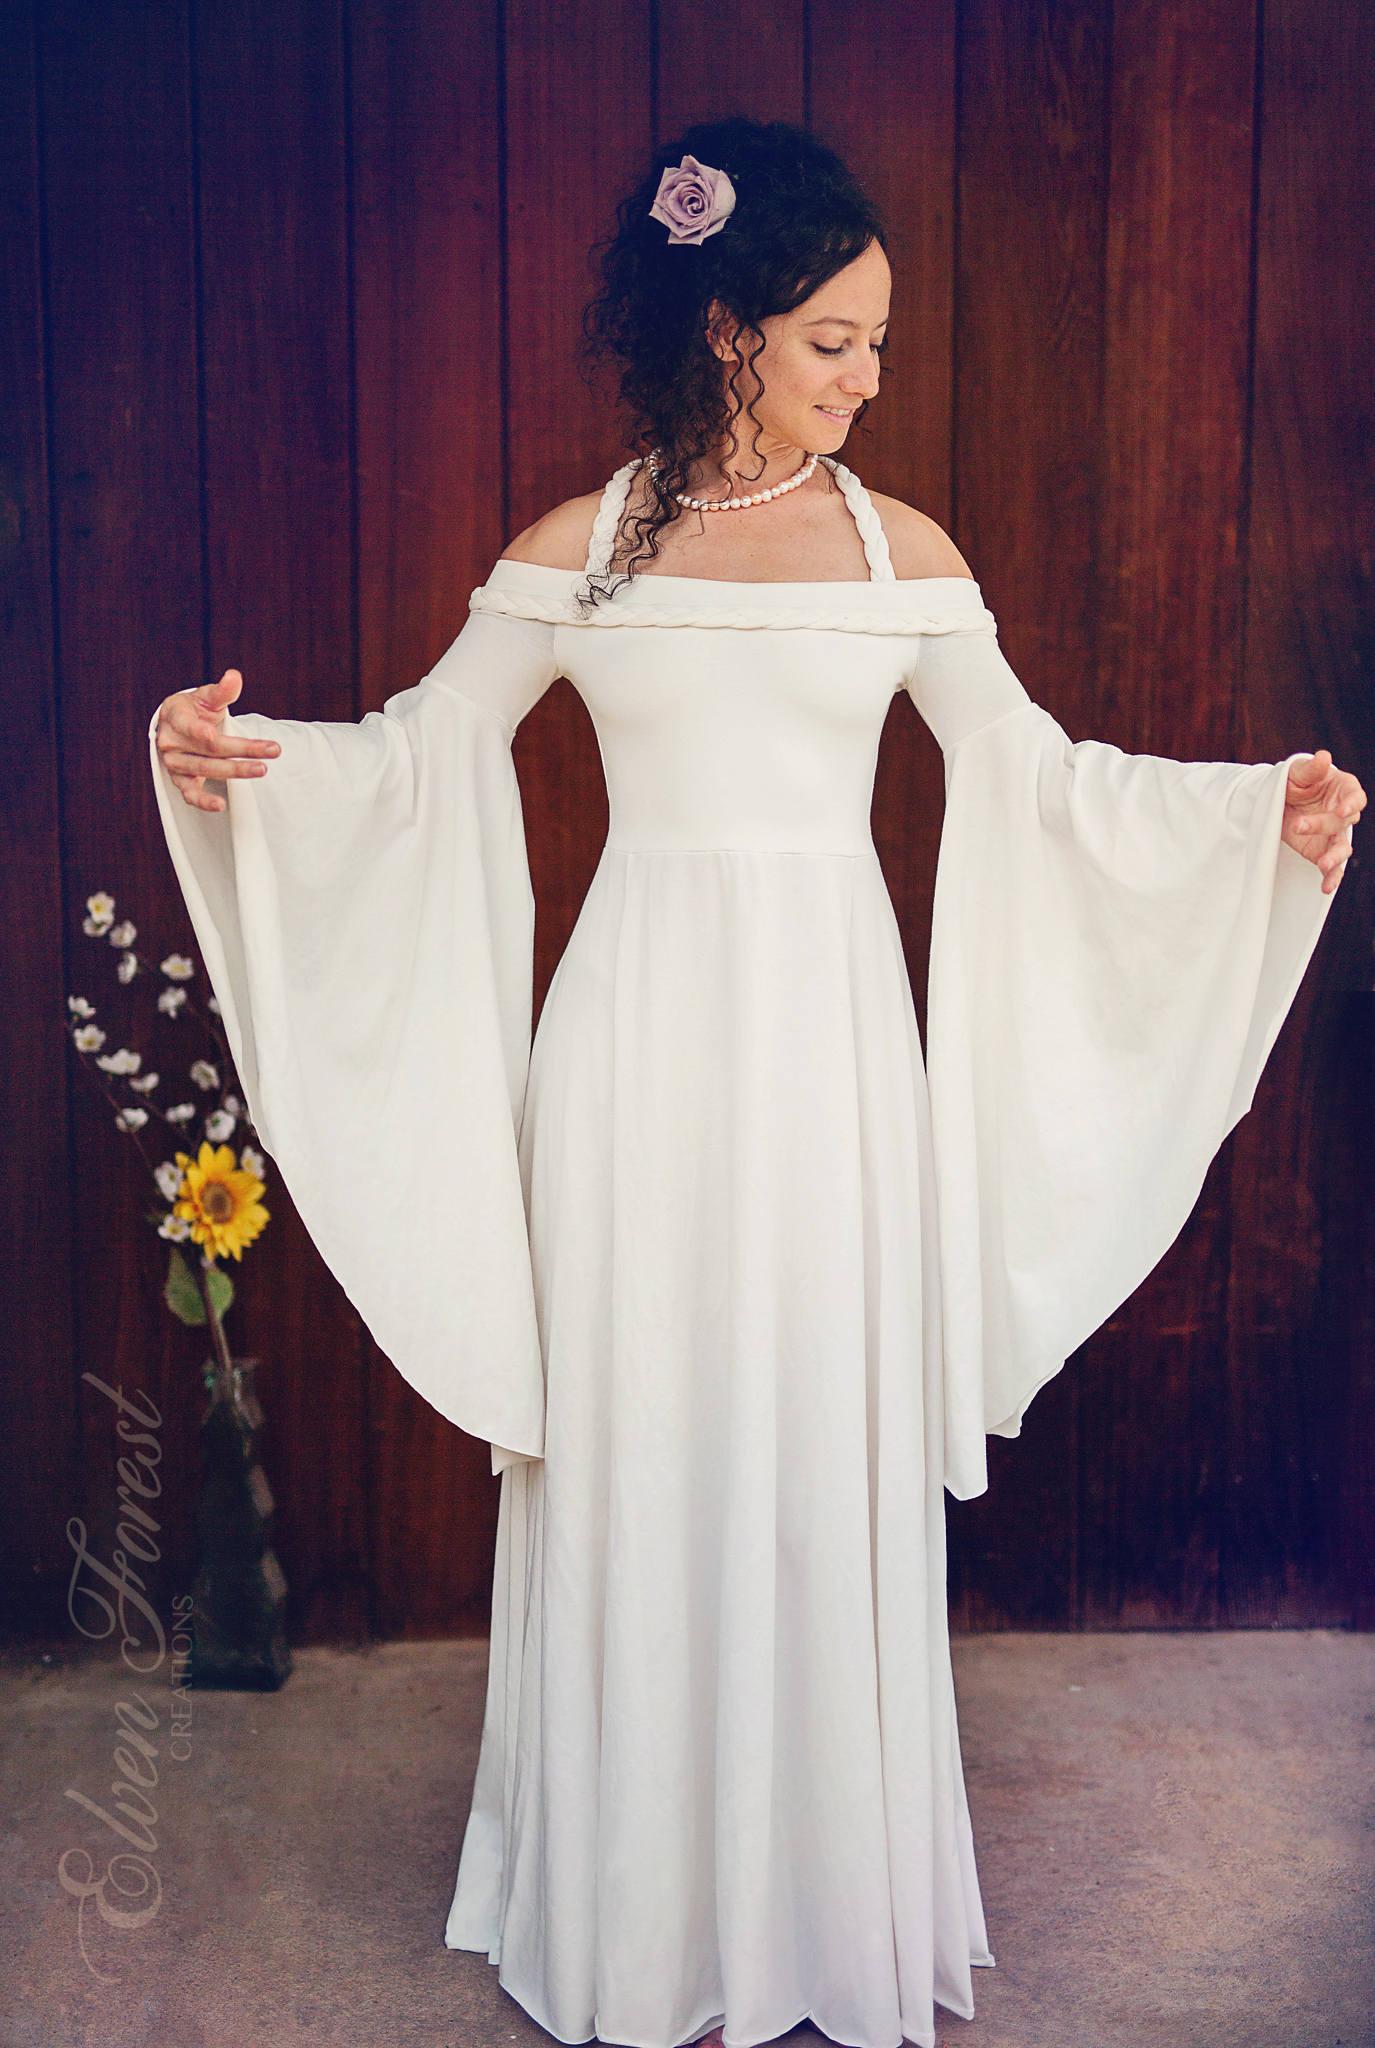 Unique Elven Wedding Dress Pictures - Wedding Dress Ideas ...